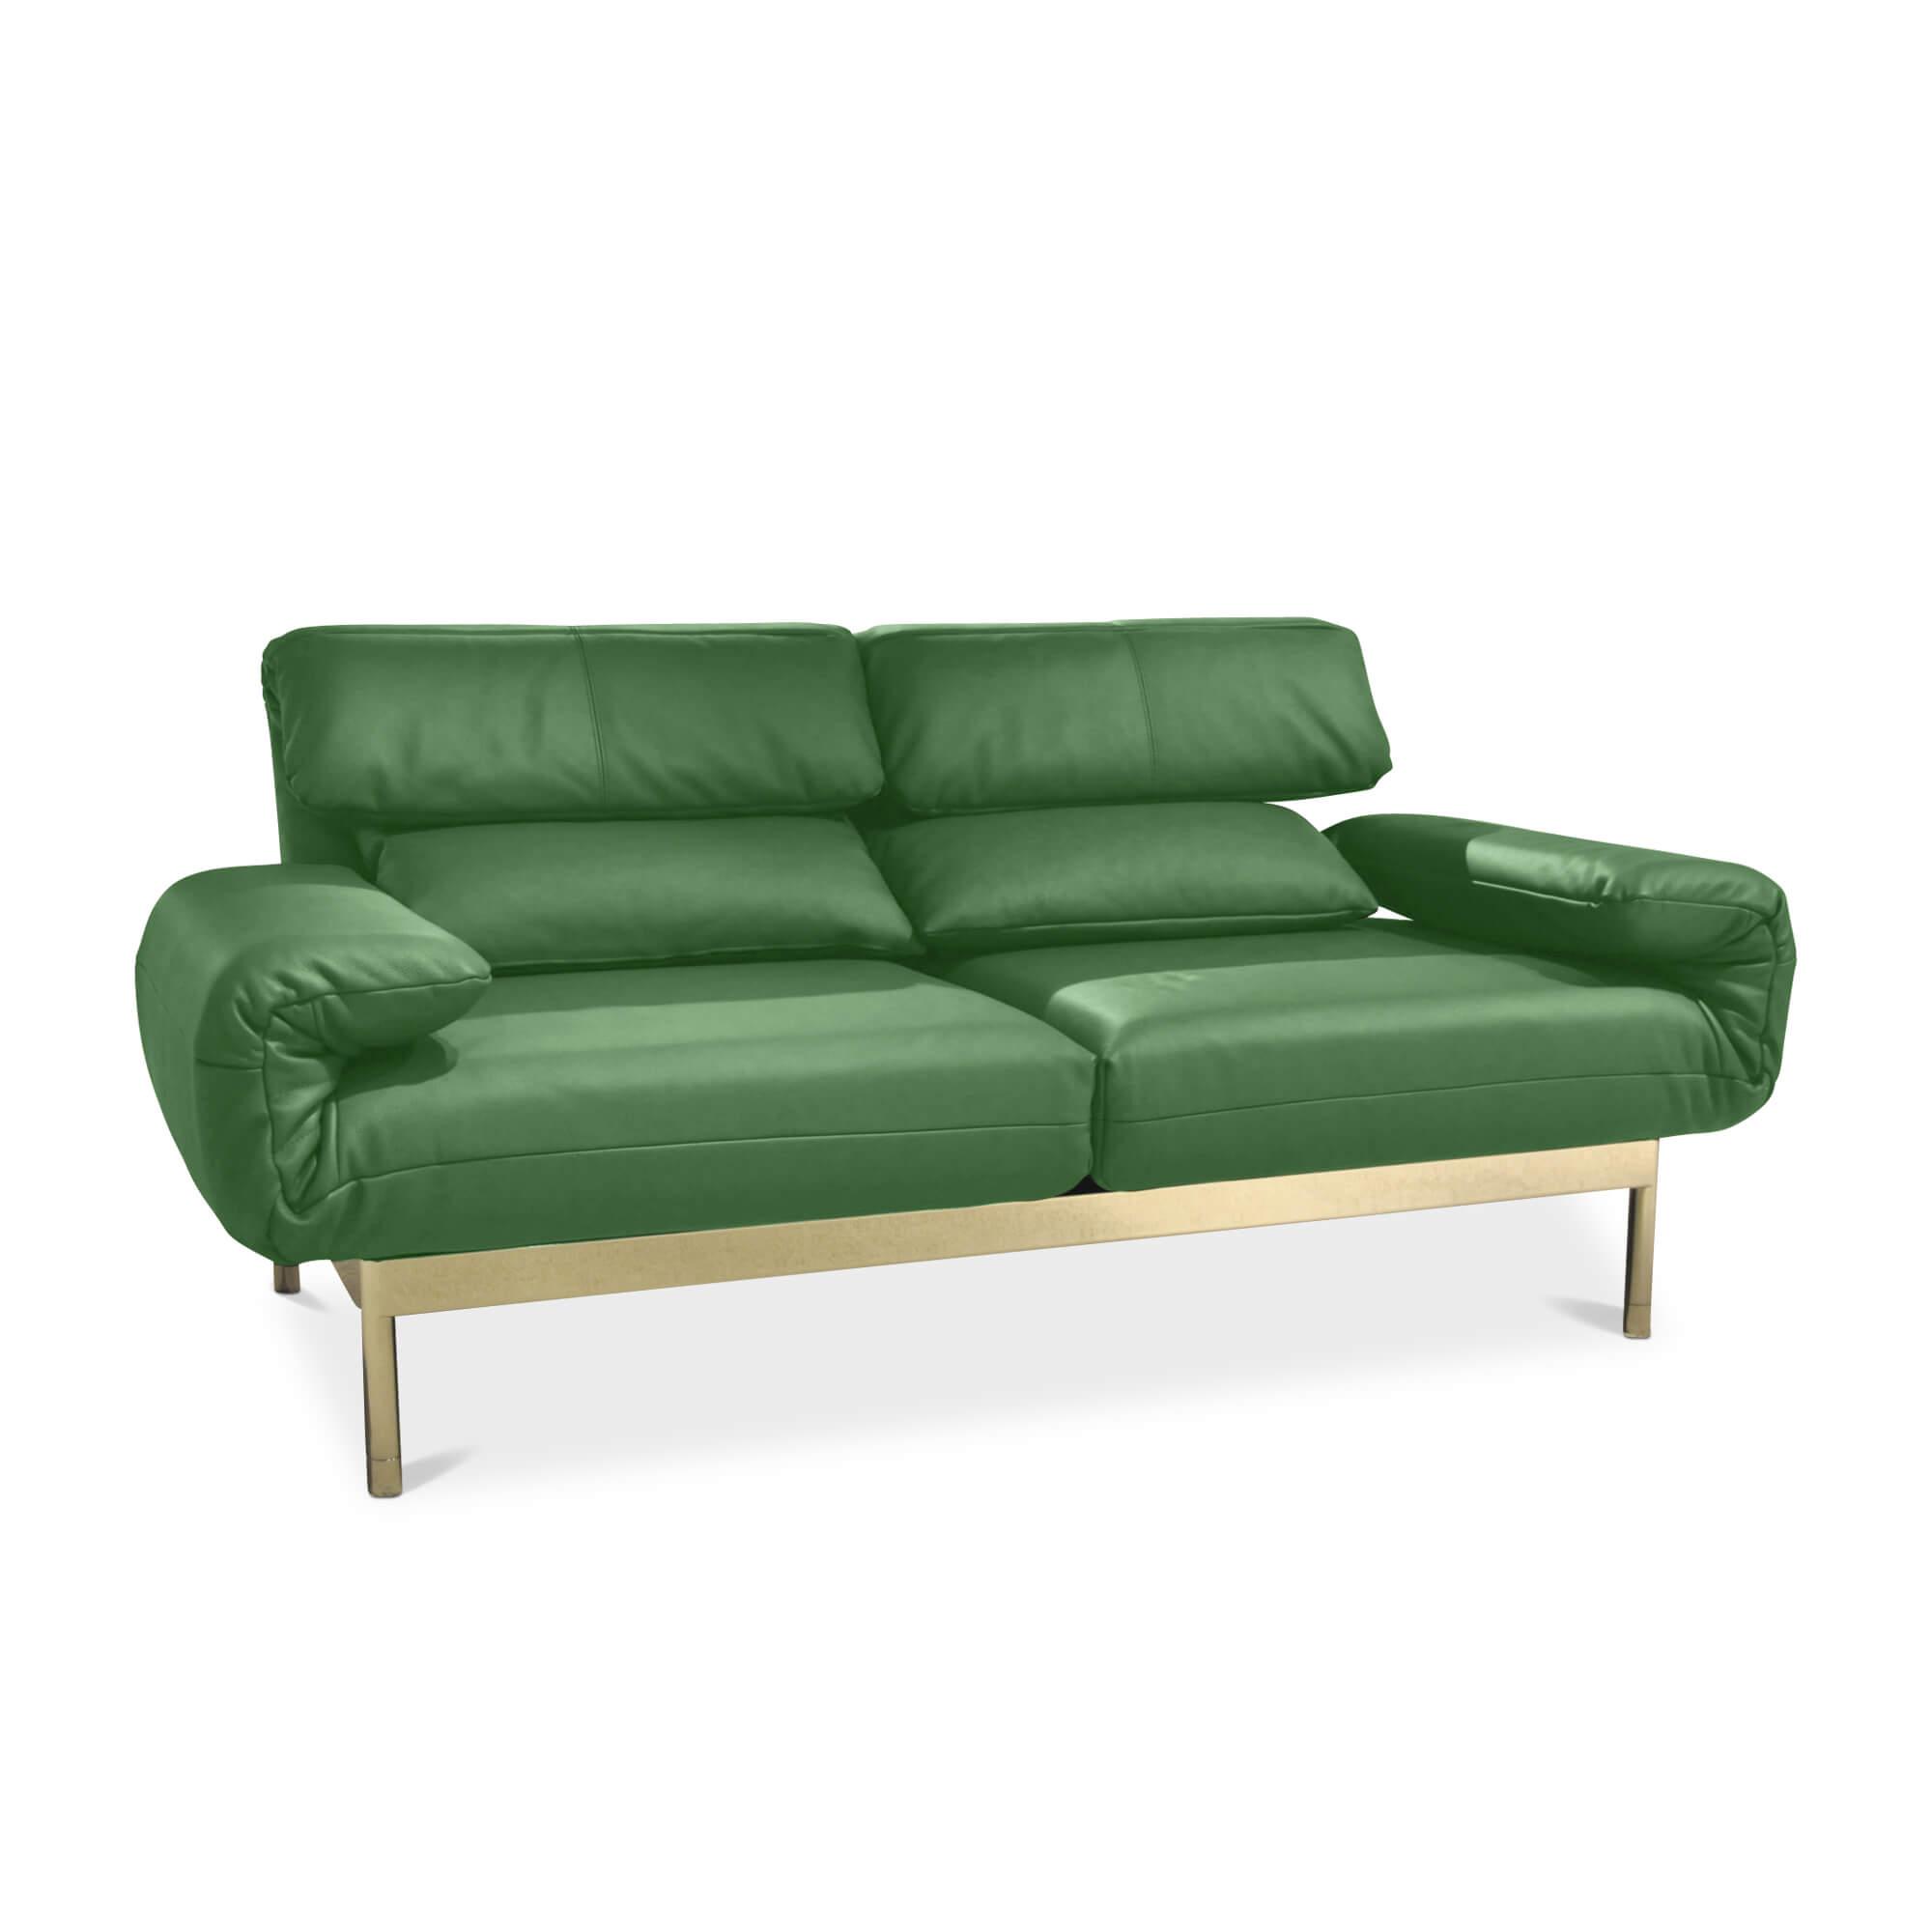 Sofa Plura In Grün Stufenlos Verstellbar Rolf Benz Sofas